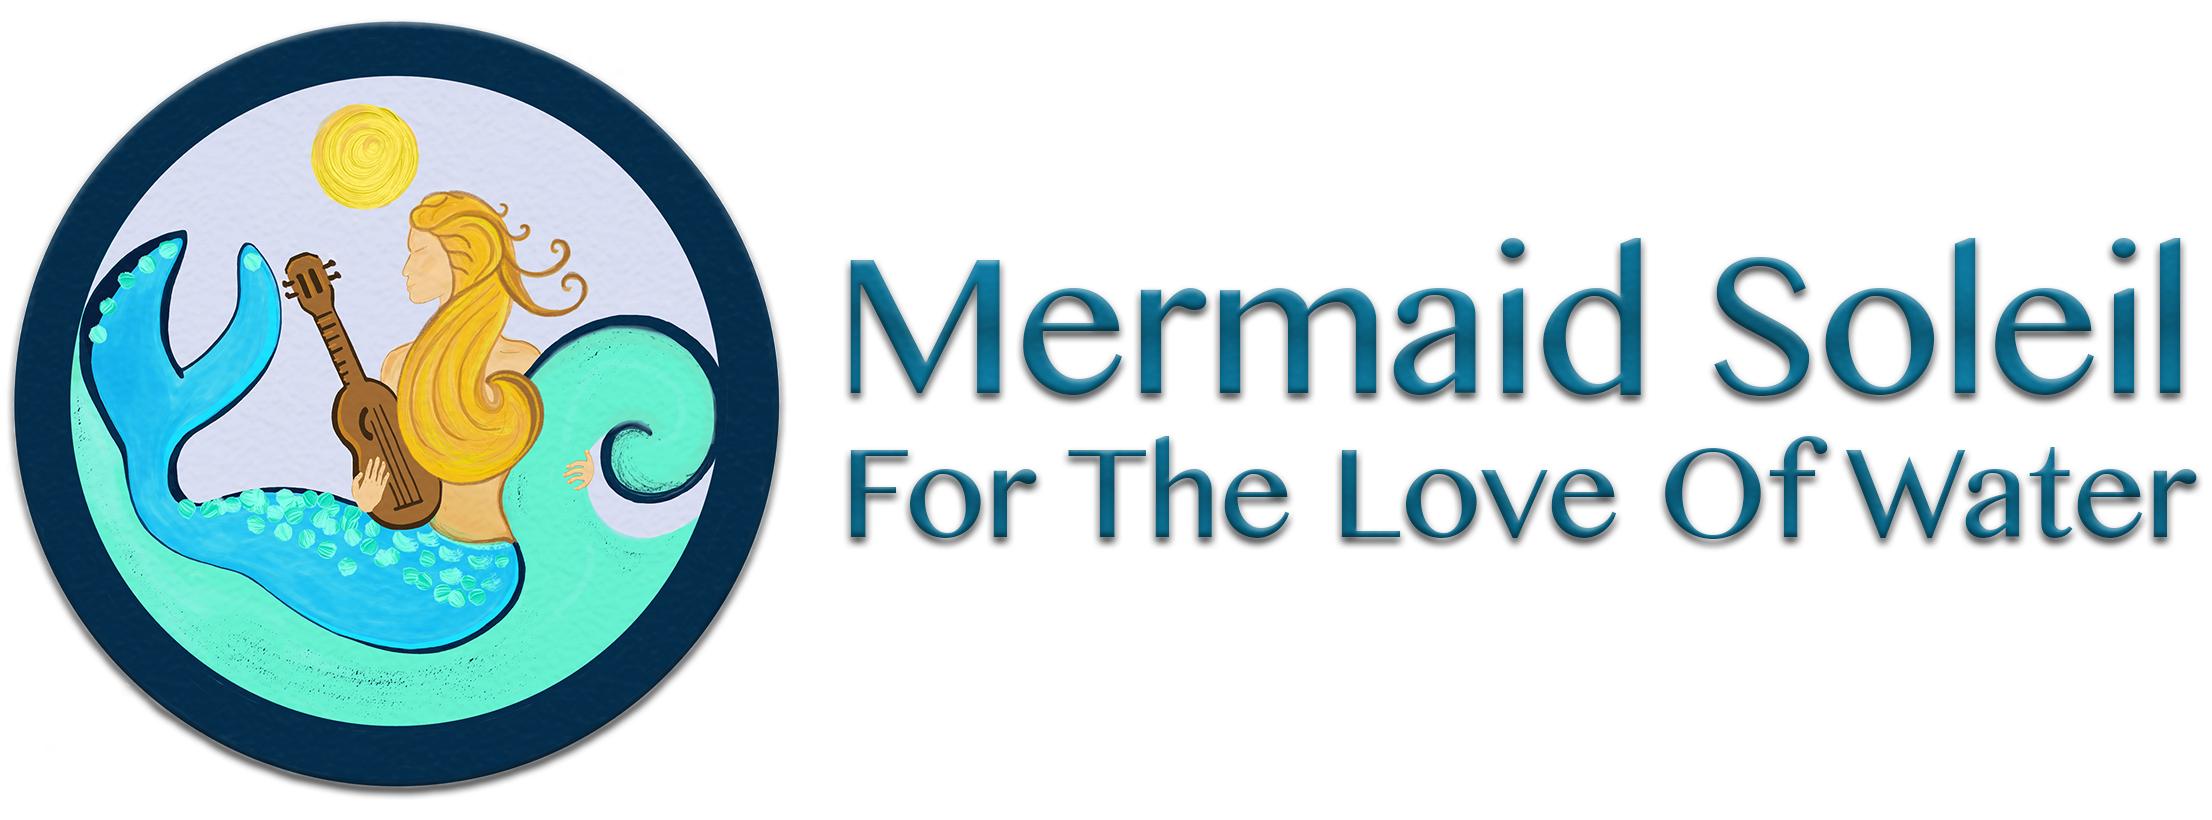 Mermaid Soleil